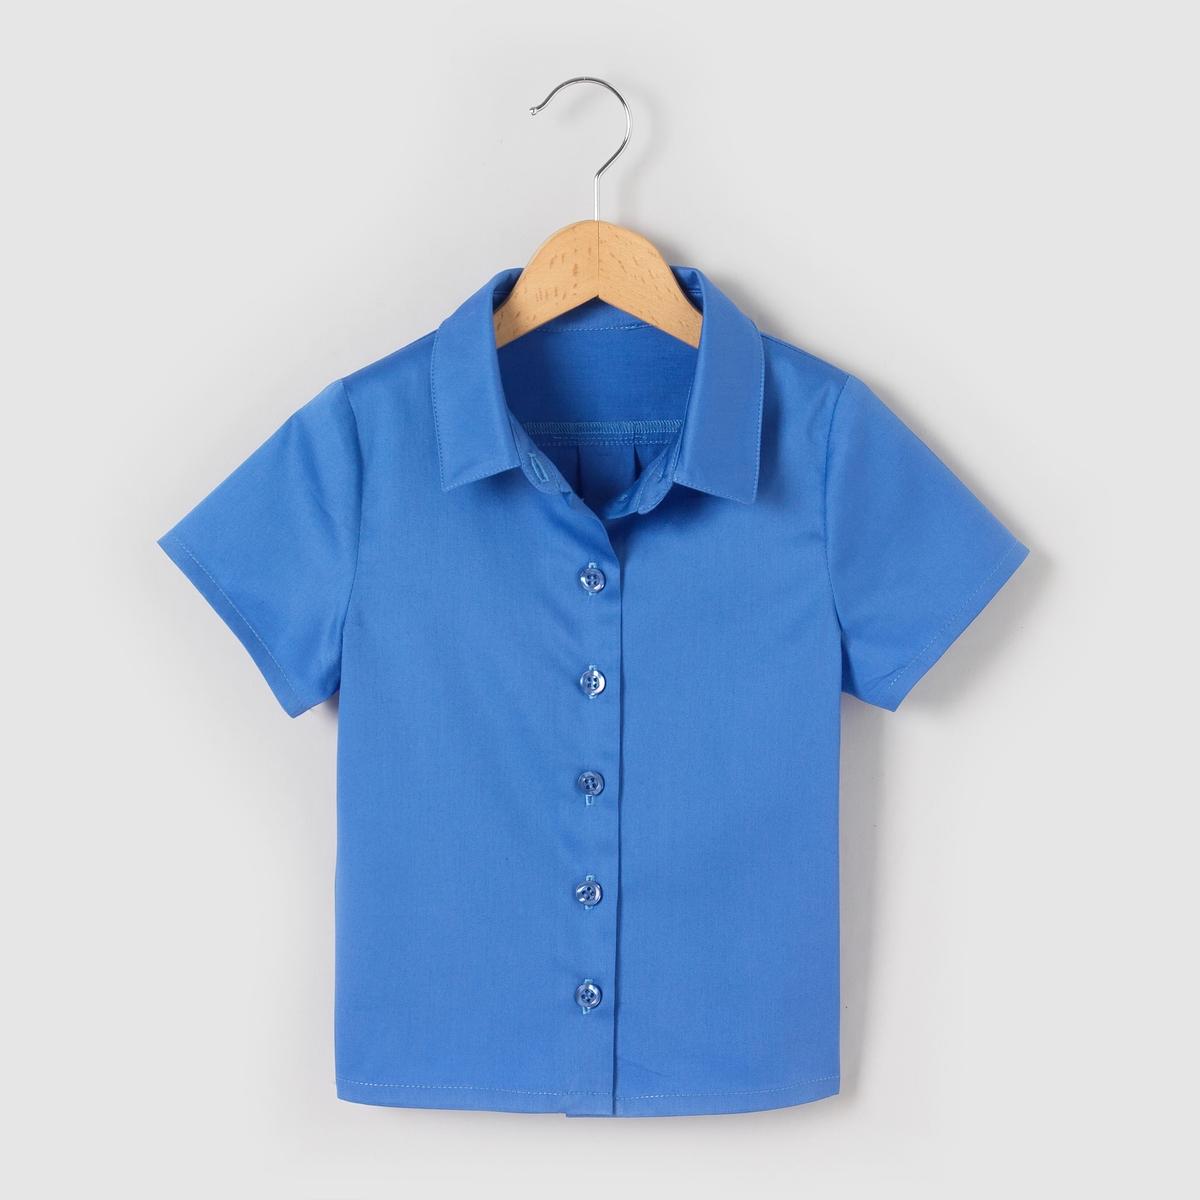 Рубашка с короткими рукавами для 3-12 летРубашка с короткими рукавами . 97 % хлопка, 3% эластана. На пуговицах спереди . Рубашечный воротник .<br><br>Цвет: набивной рисунок,синий